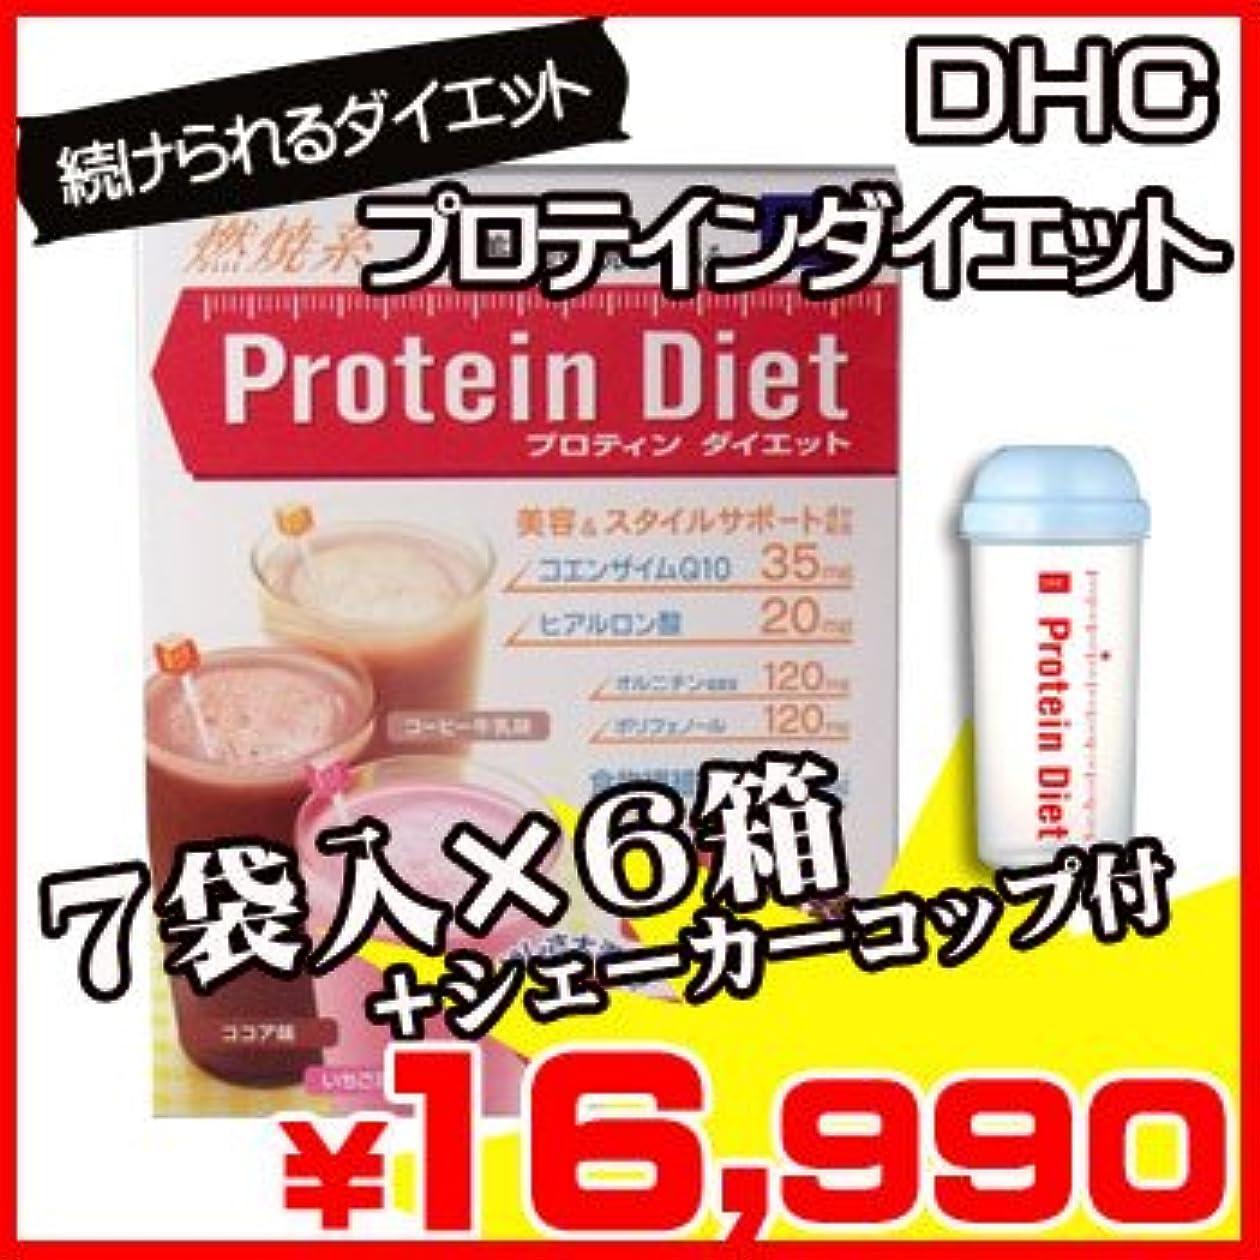 妊娠したデータベース思いつくDHC プロティンダイエット 7袋入×6箱 シェーカー コップ付セット(プロティンダイエット開始セット)